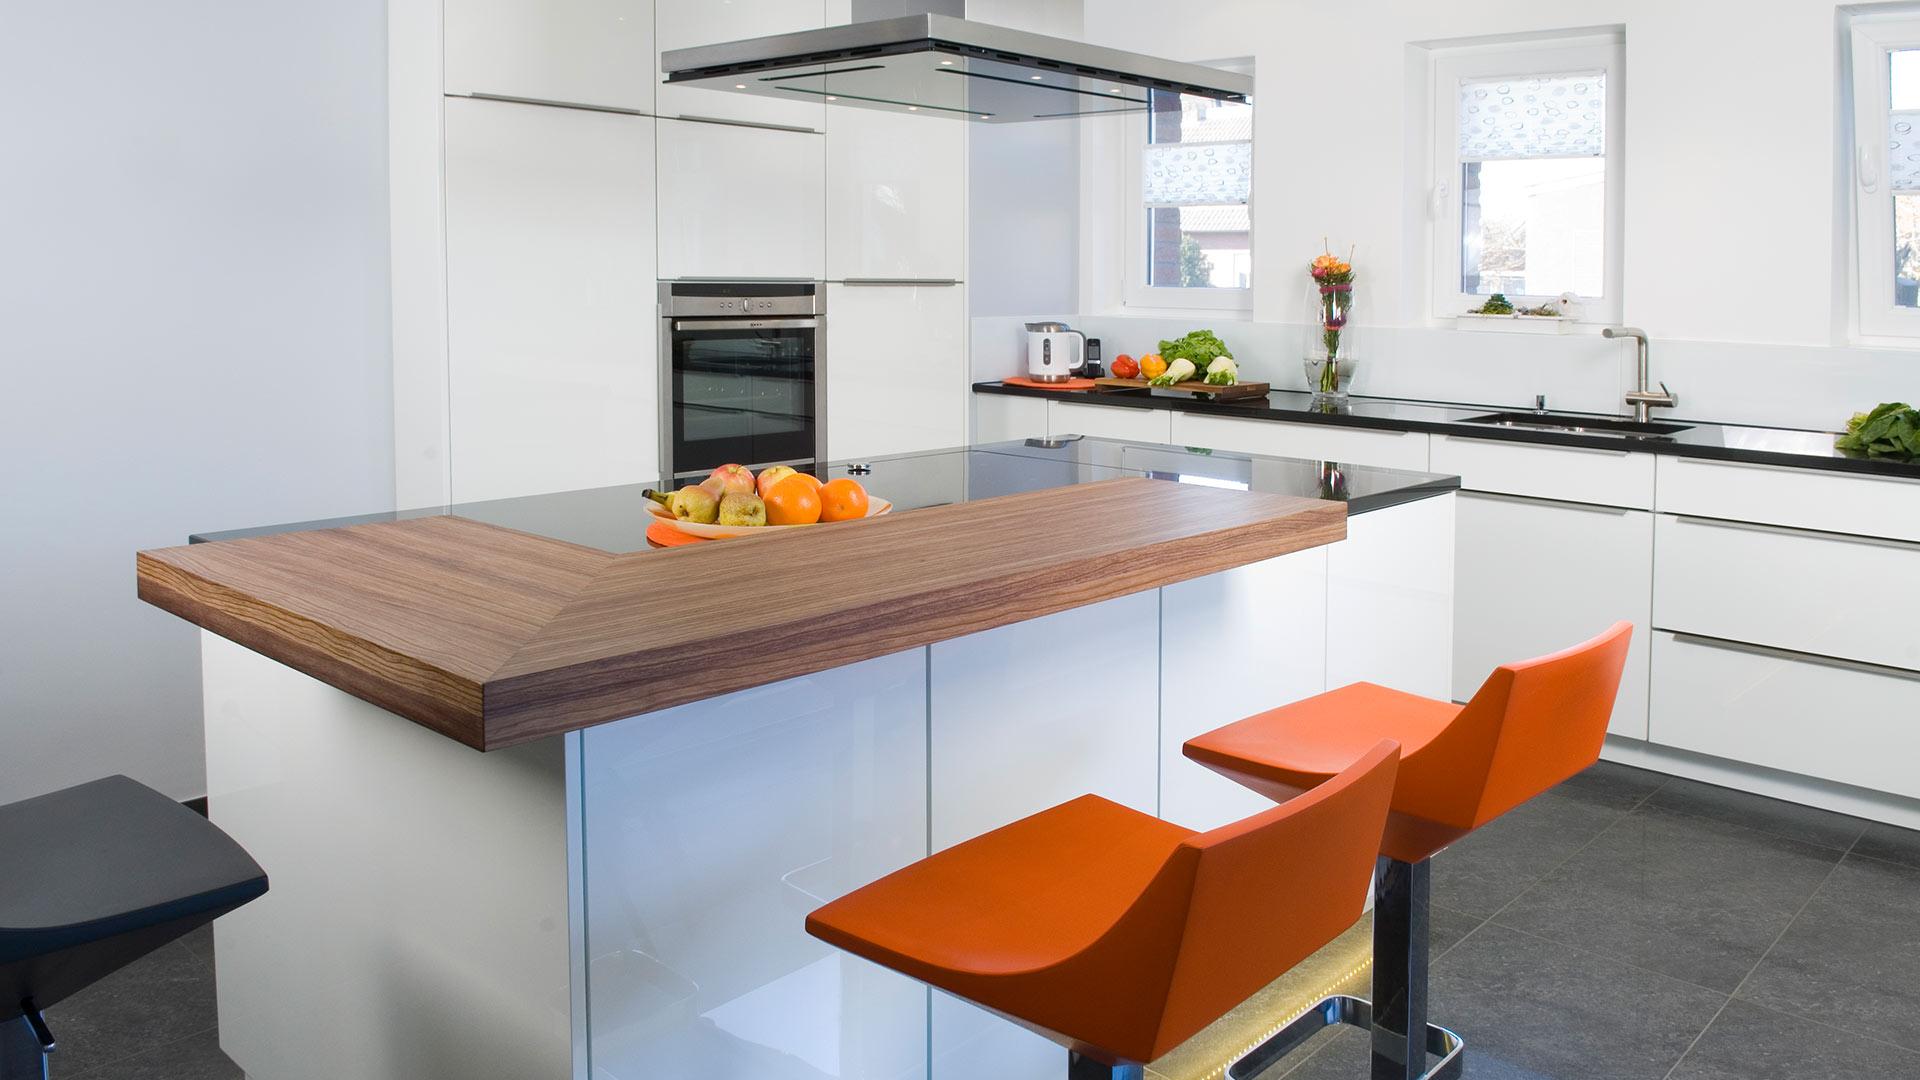 Musterkuchen nrw dockarmcom for Küchen nrw